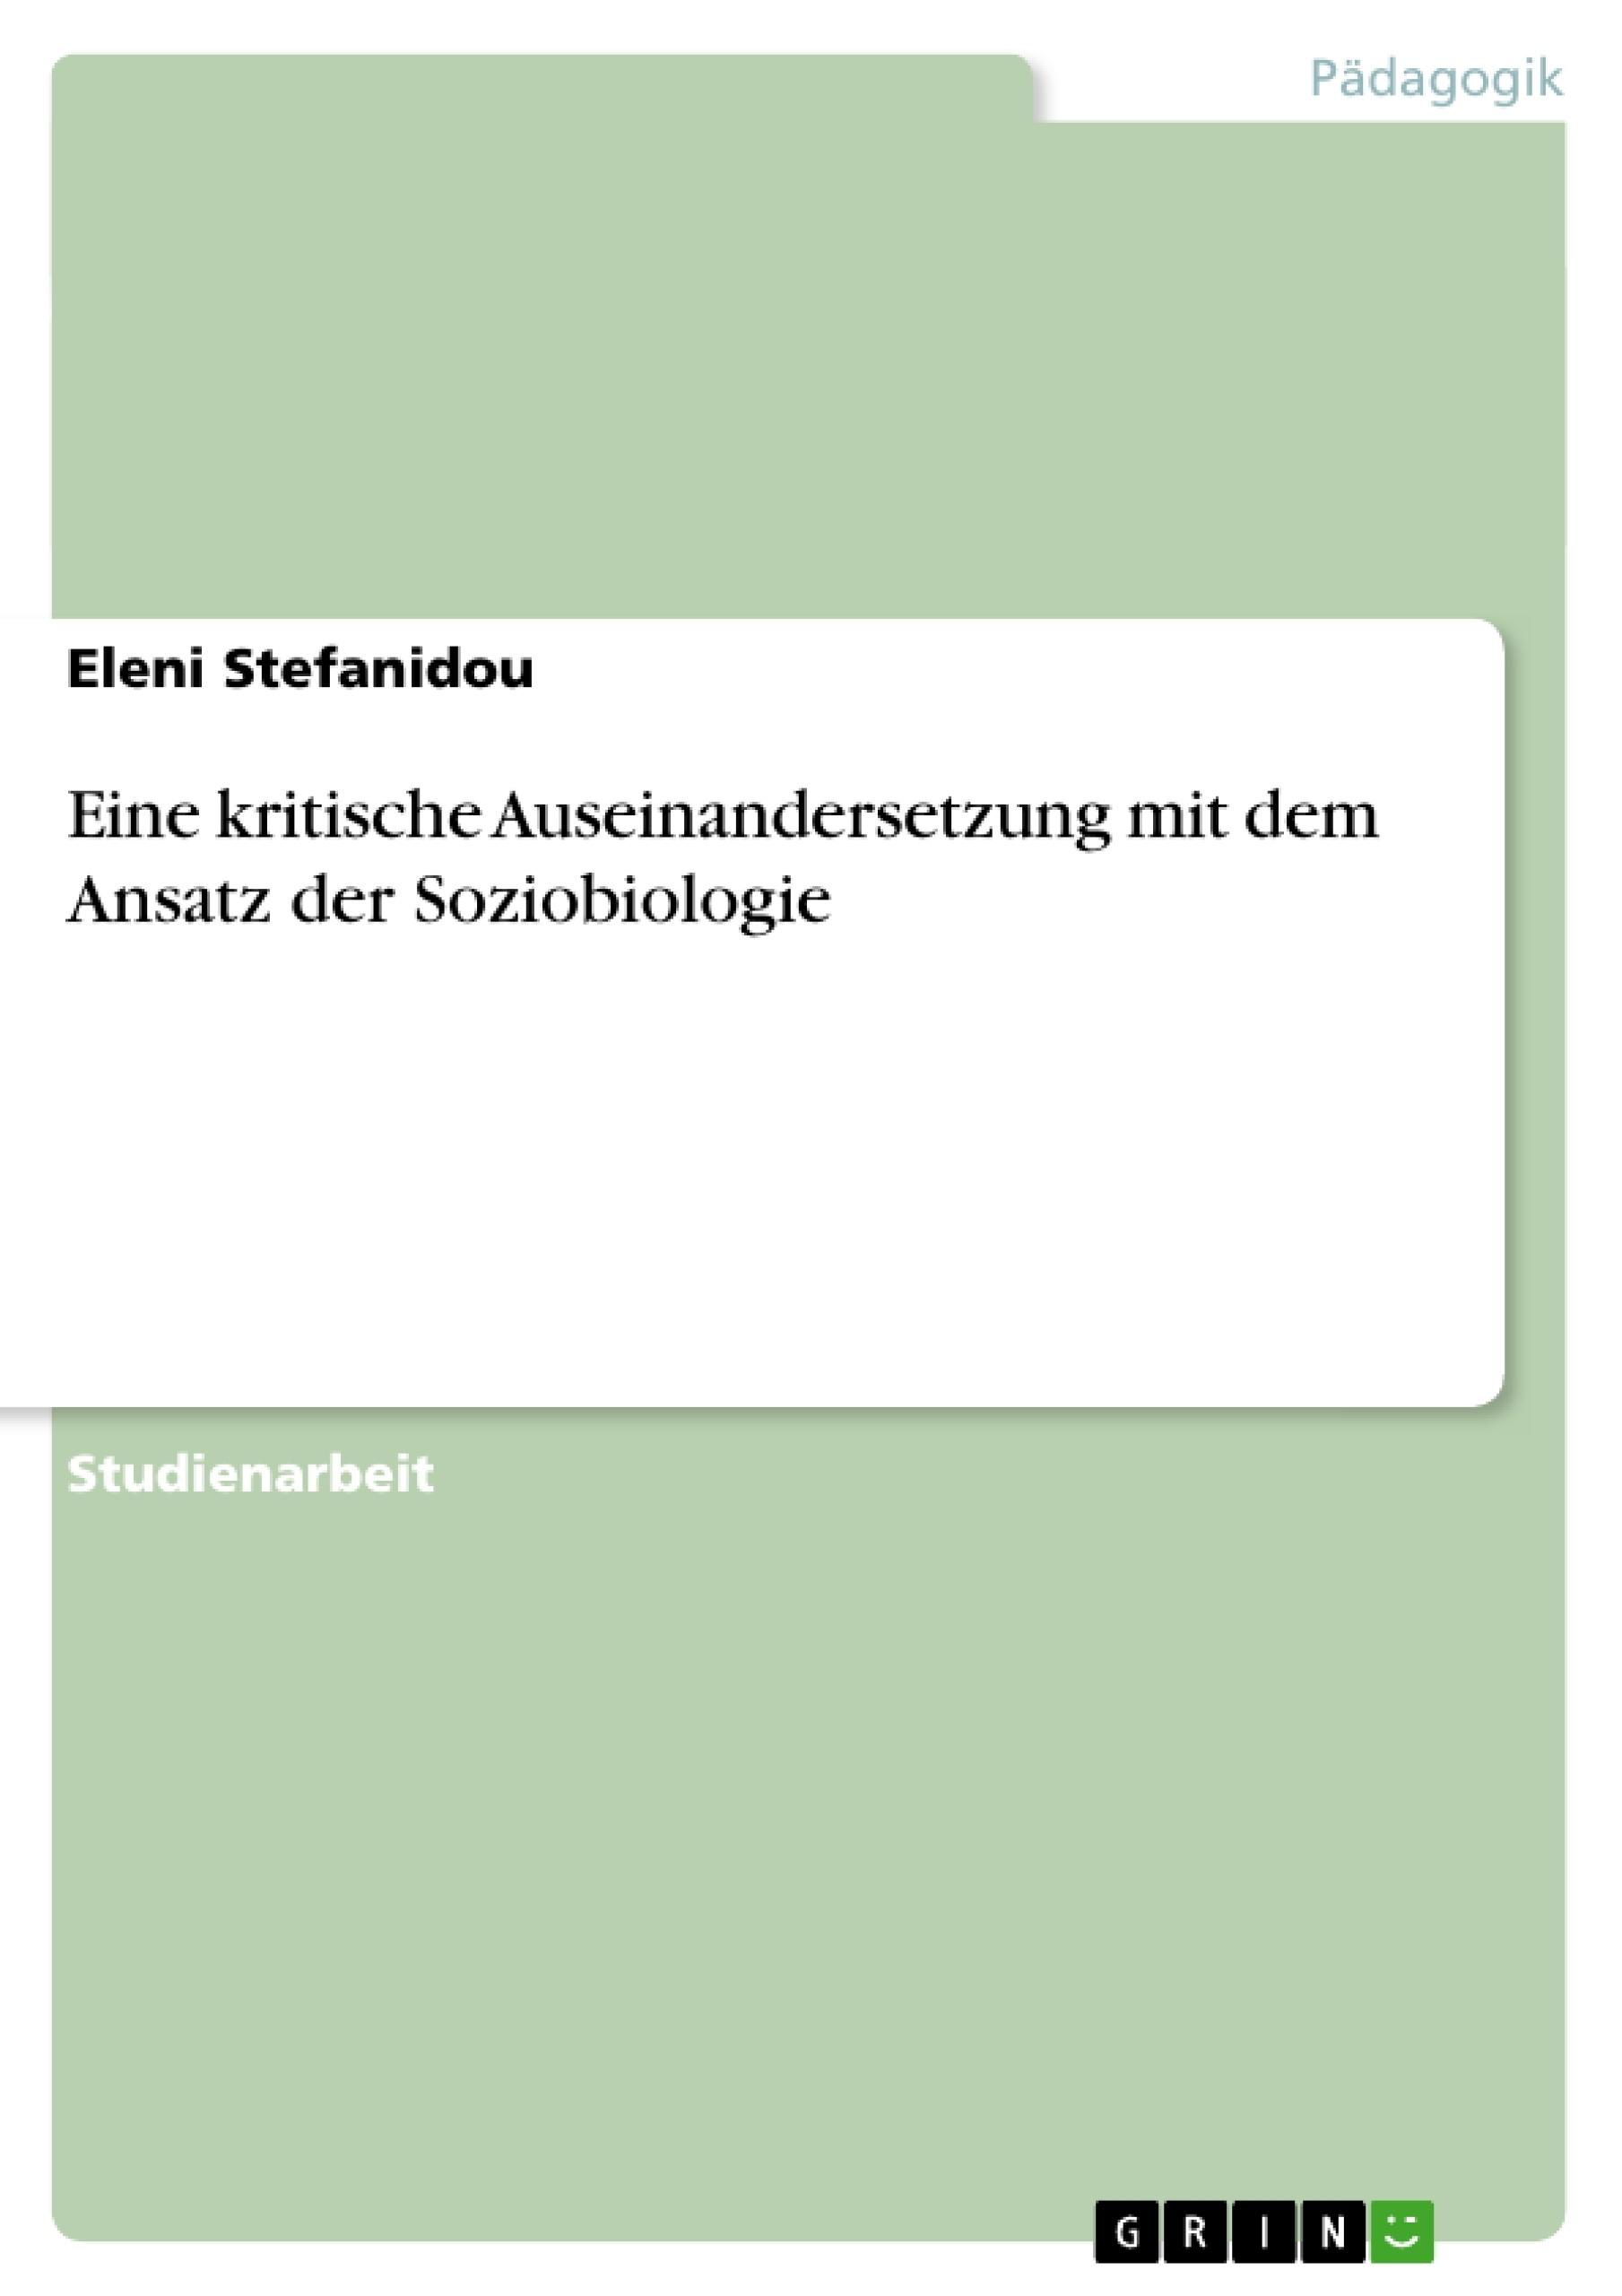 Titel: Eine kritische Auseinandersetzung mit dem Ansatz der Soziobiologie